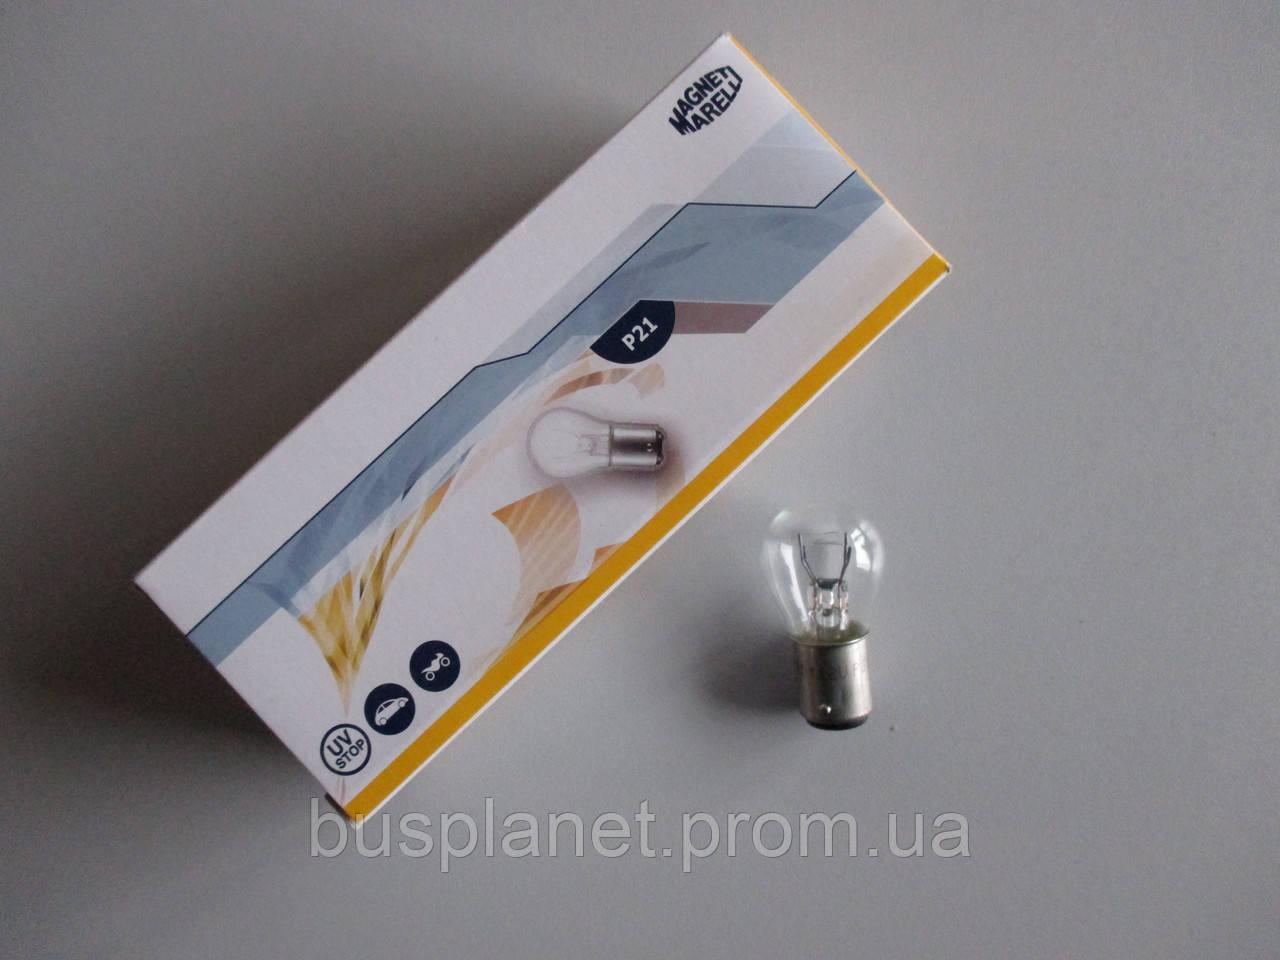 Лампочка двух-контактная p21 12v 21/5w